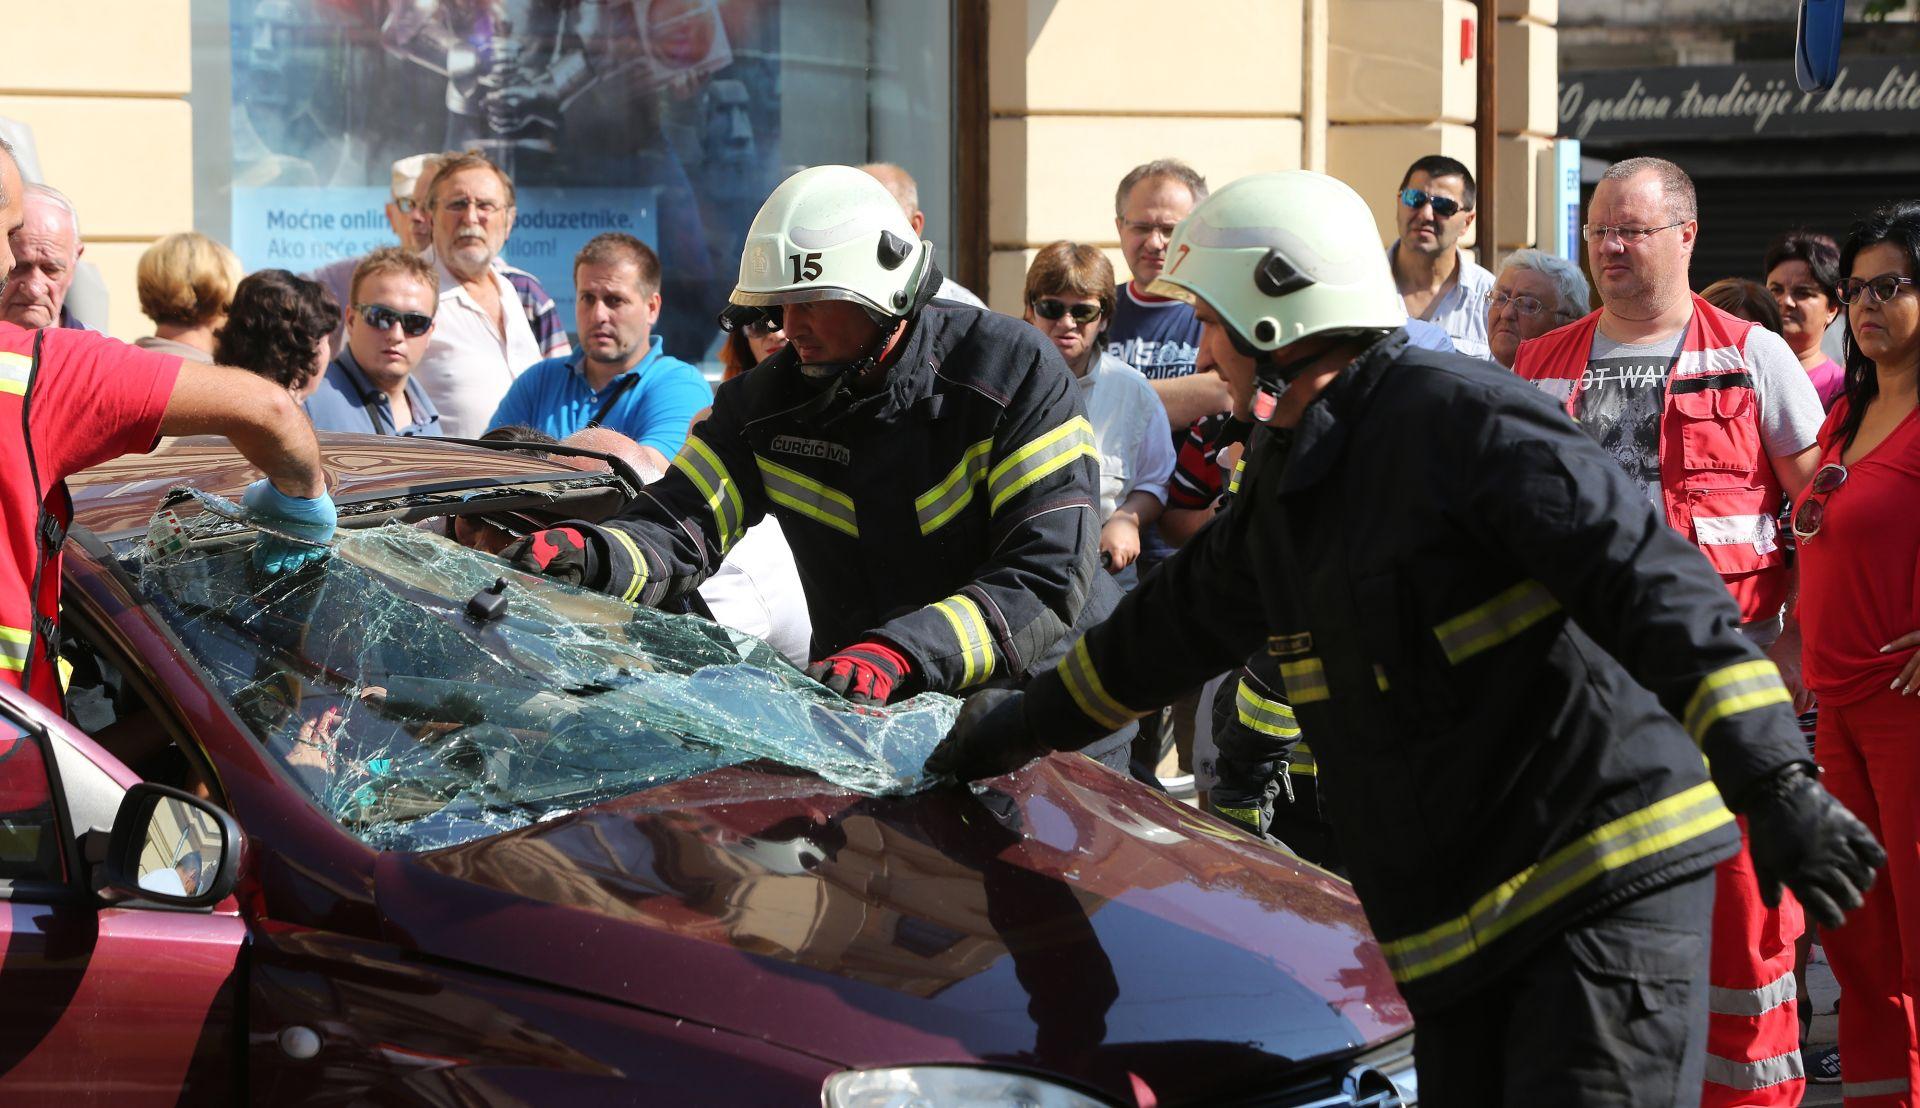 FOTO: NESREĆA U CENTRU OSIJEKA Sudarili se automobil i tramvaj, ozlijeđene dvije trudnice